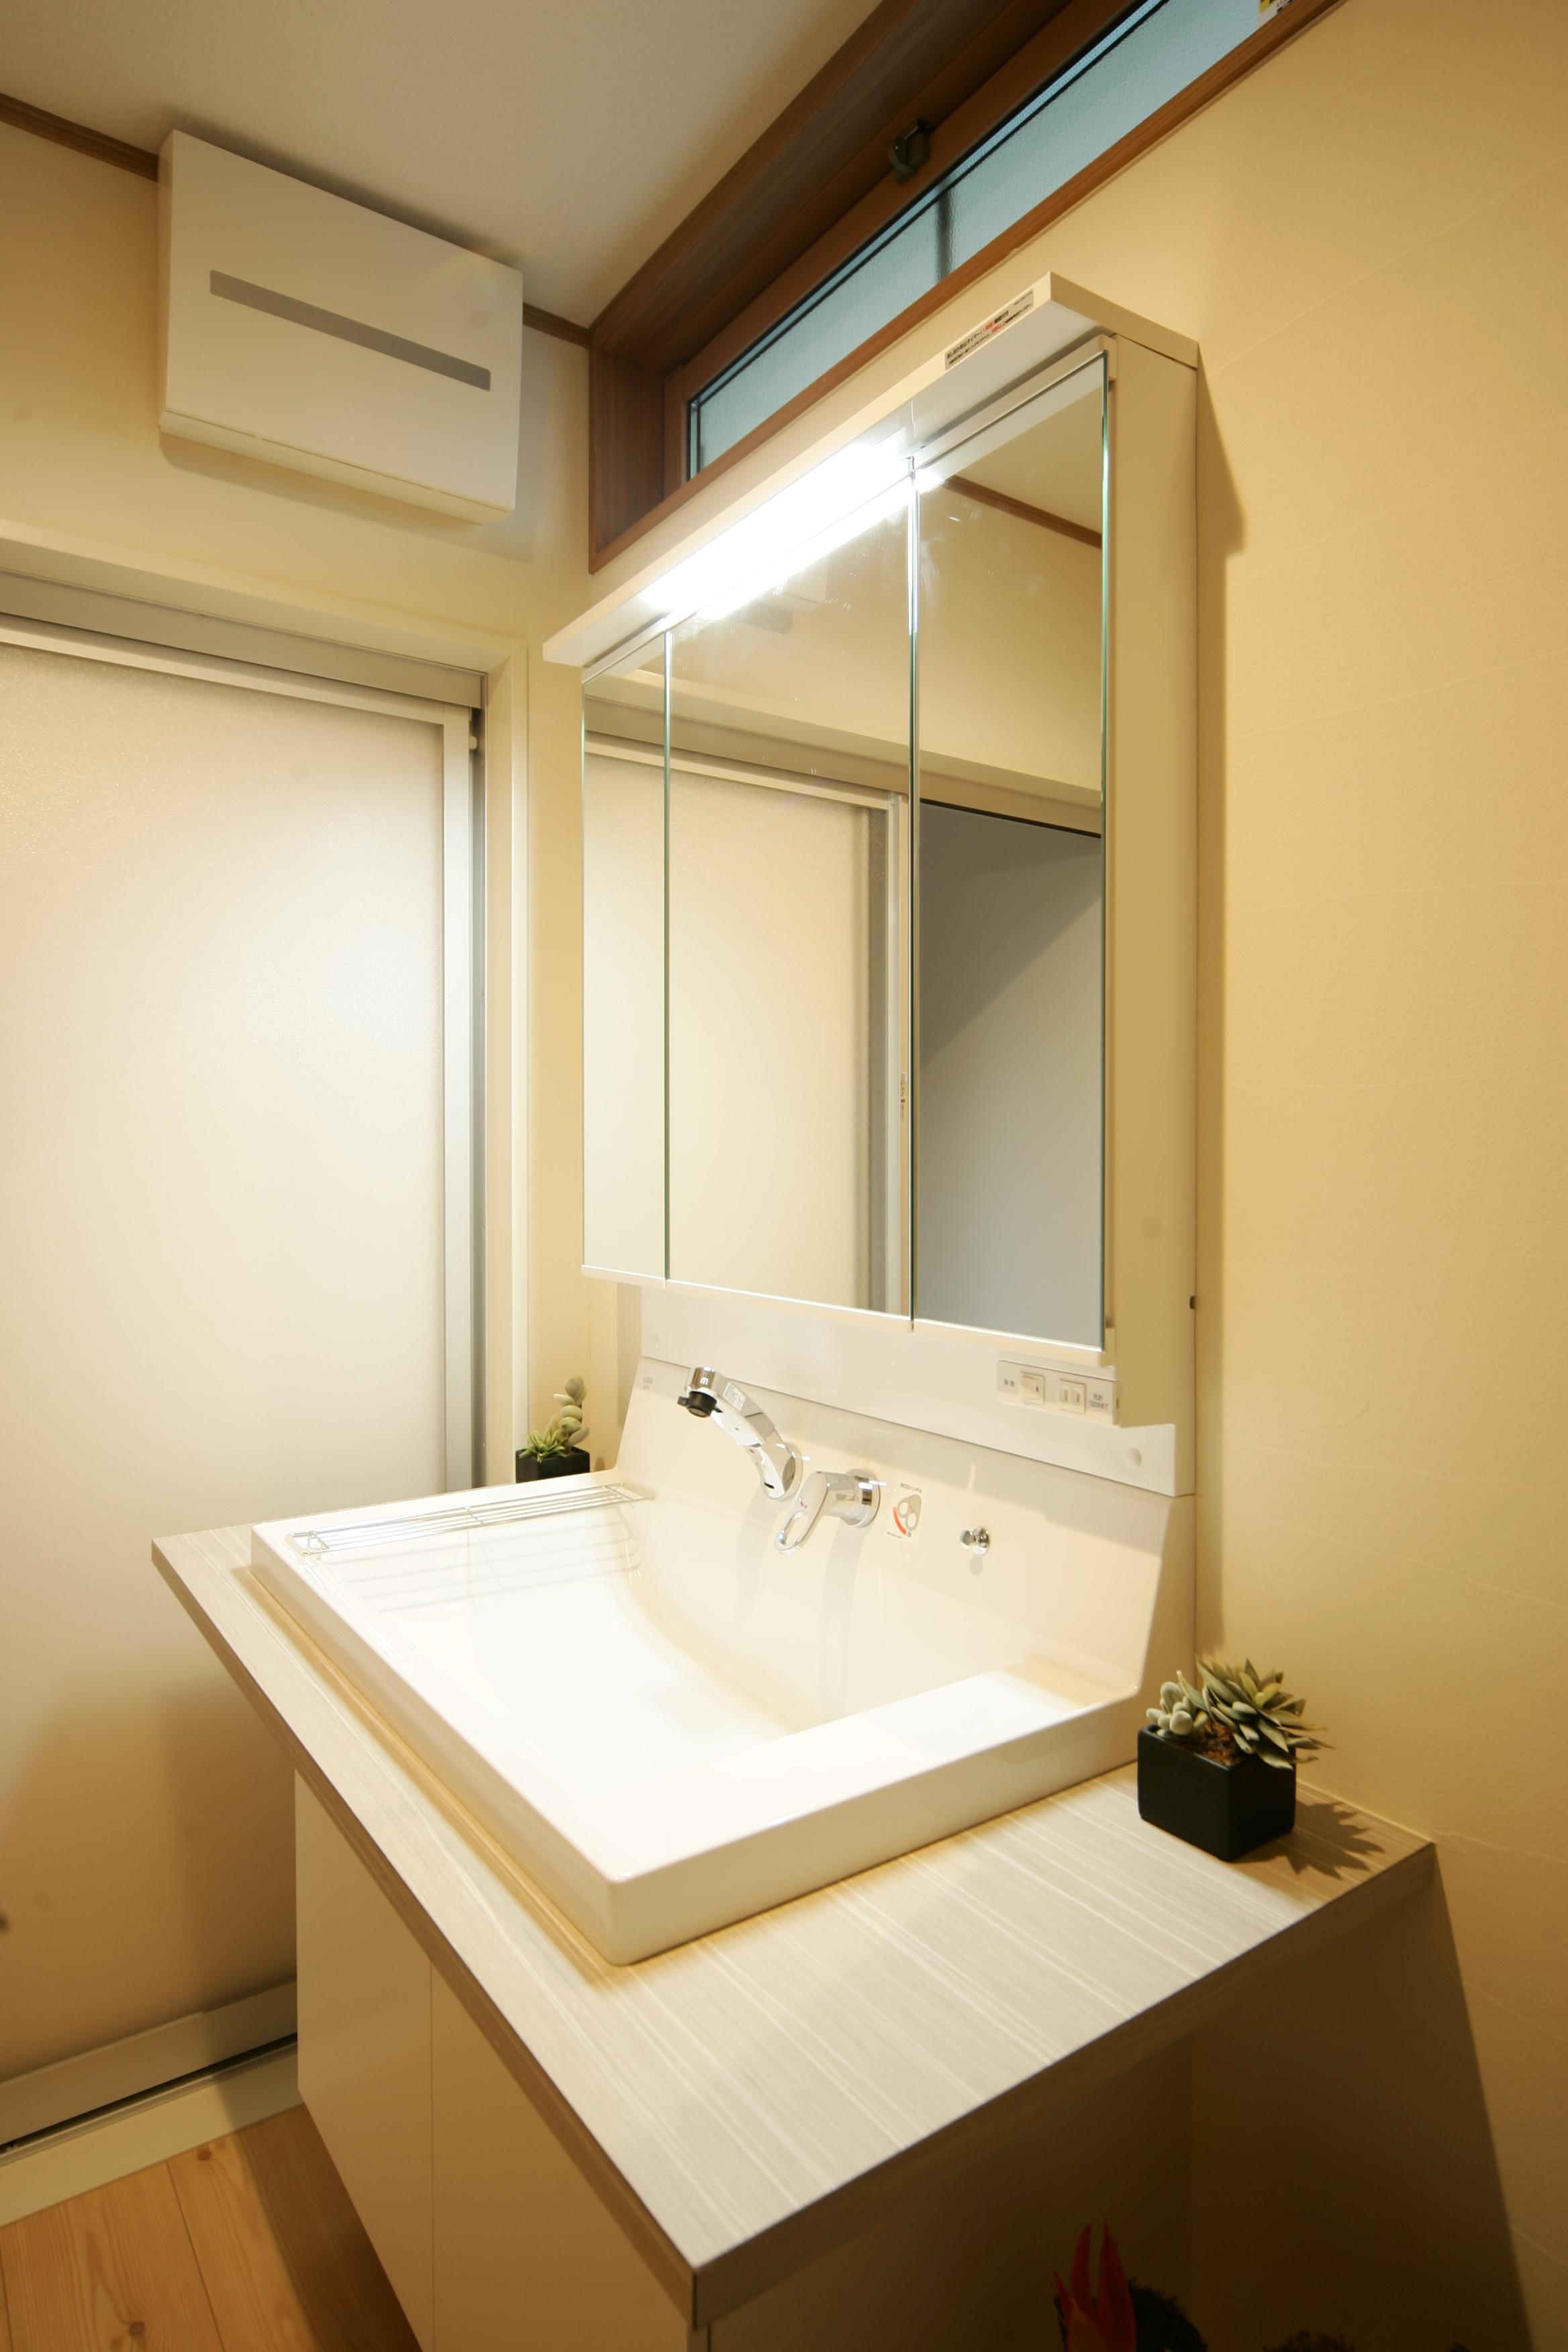 住まいるコーポレーション【二世帯住宅、自然素材、平屋】大型のシンク付きのオリジナル洗面化粧台。シンプルなデザインが夫妻のお気に入り